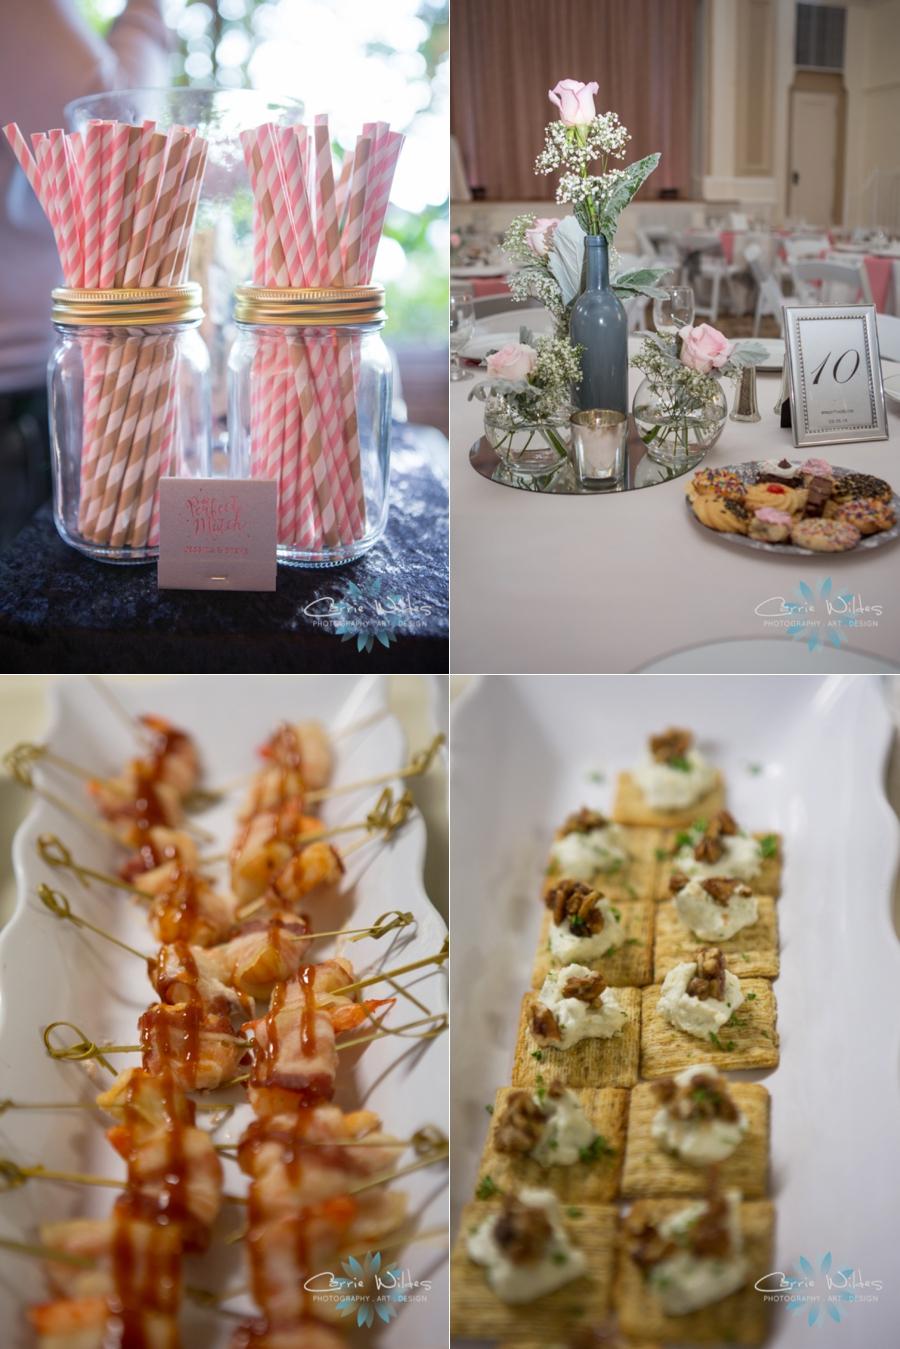 3_5_16 St Petersburg Woman's Club Wedding_0020.jpg